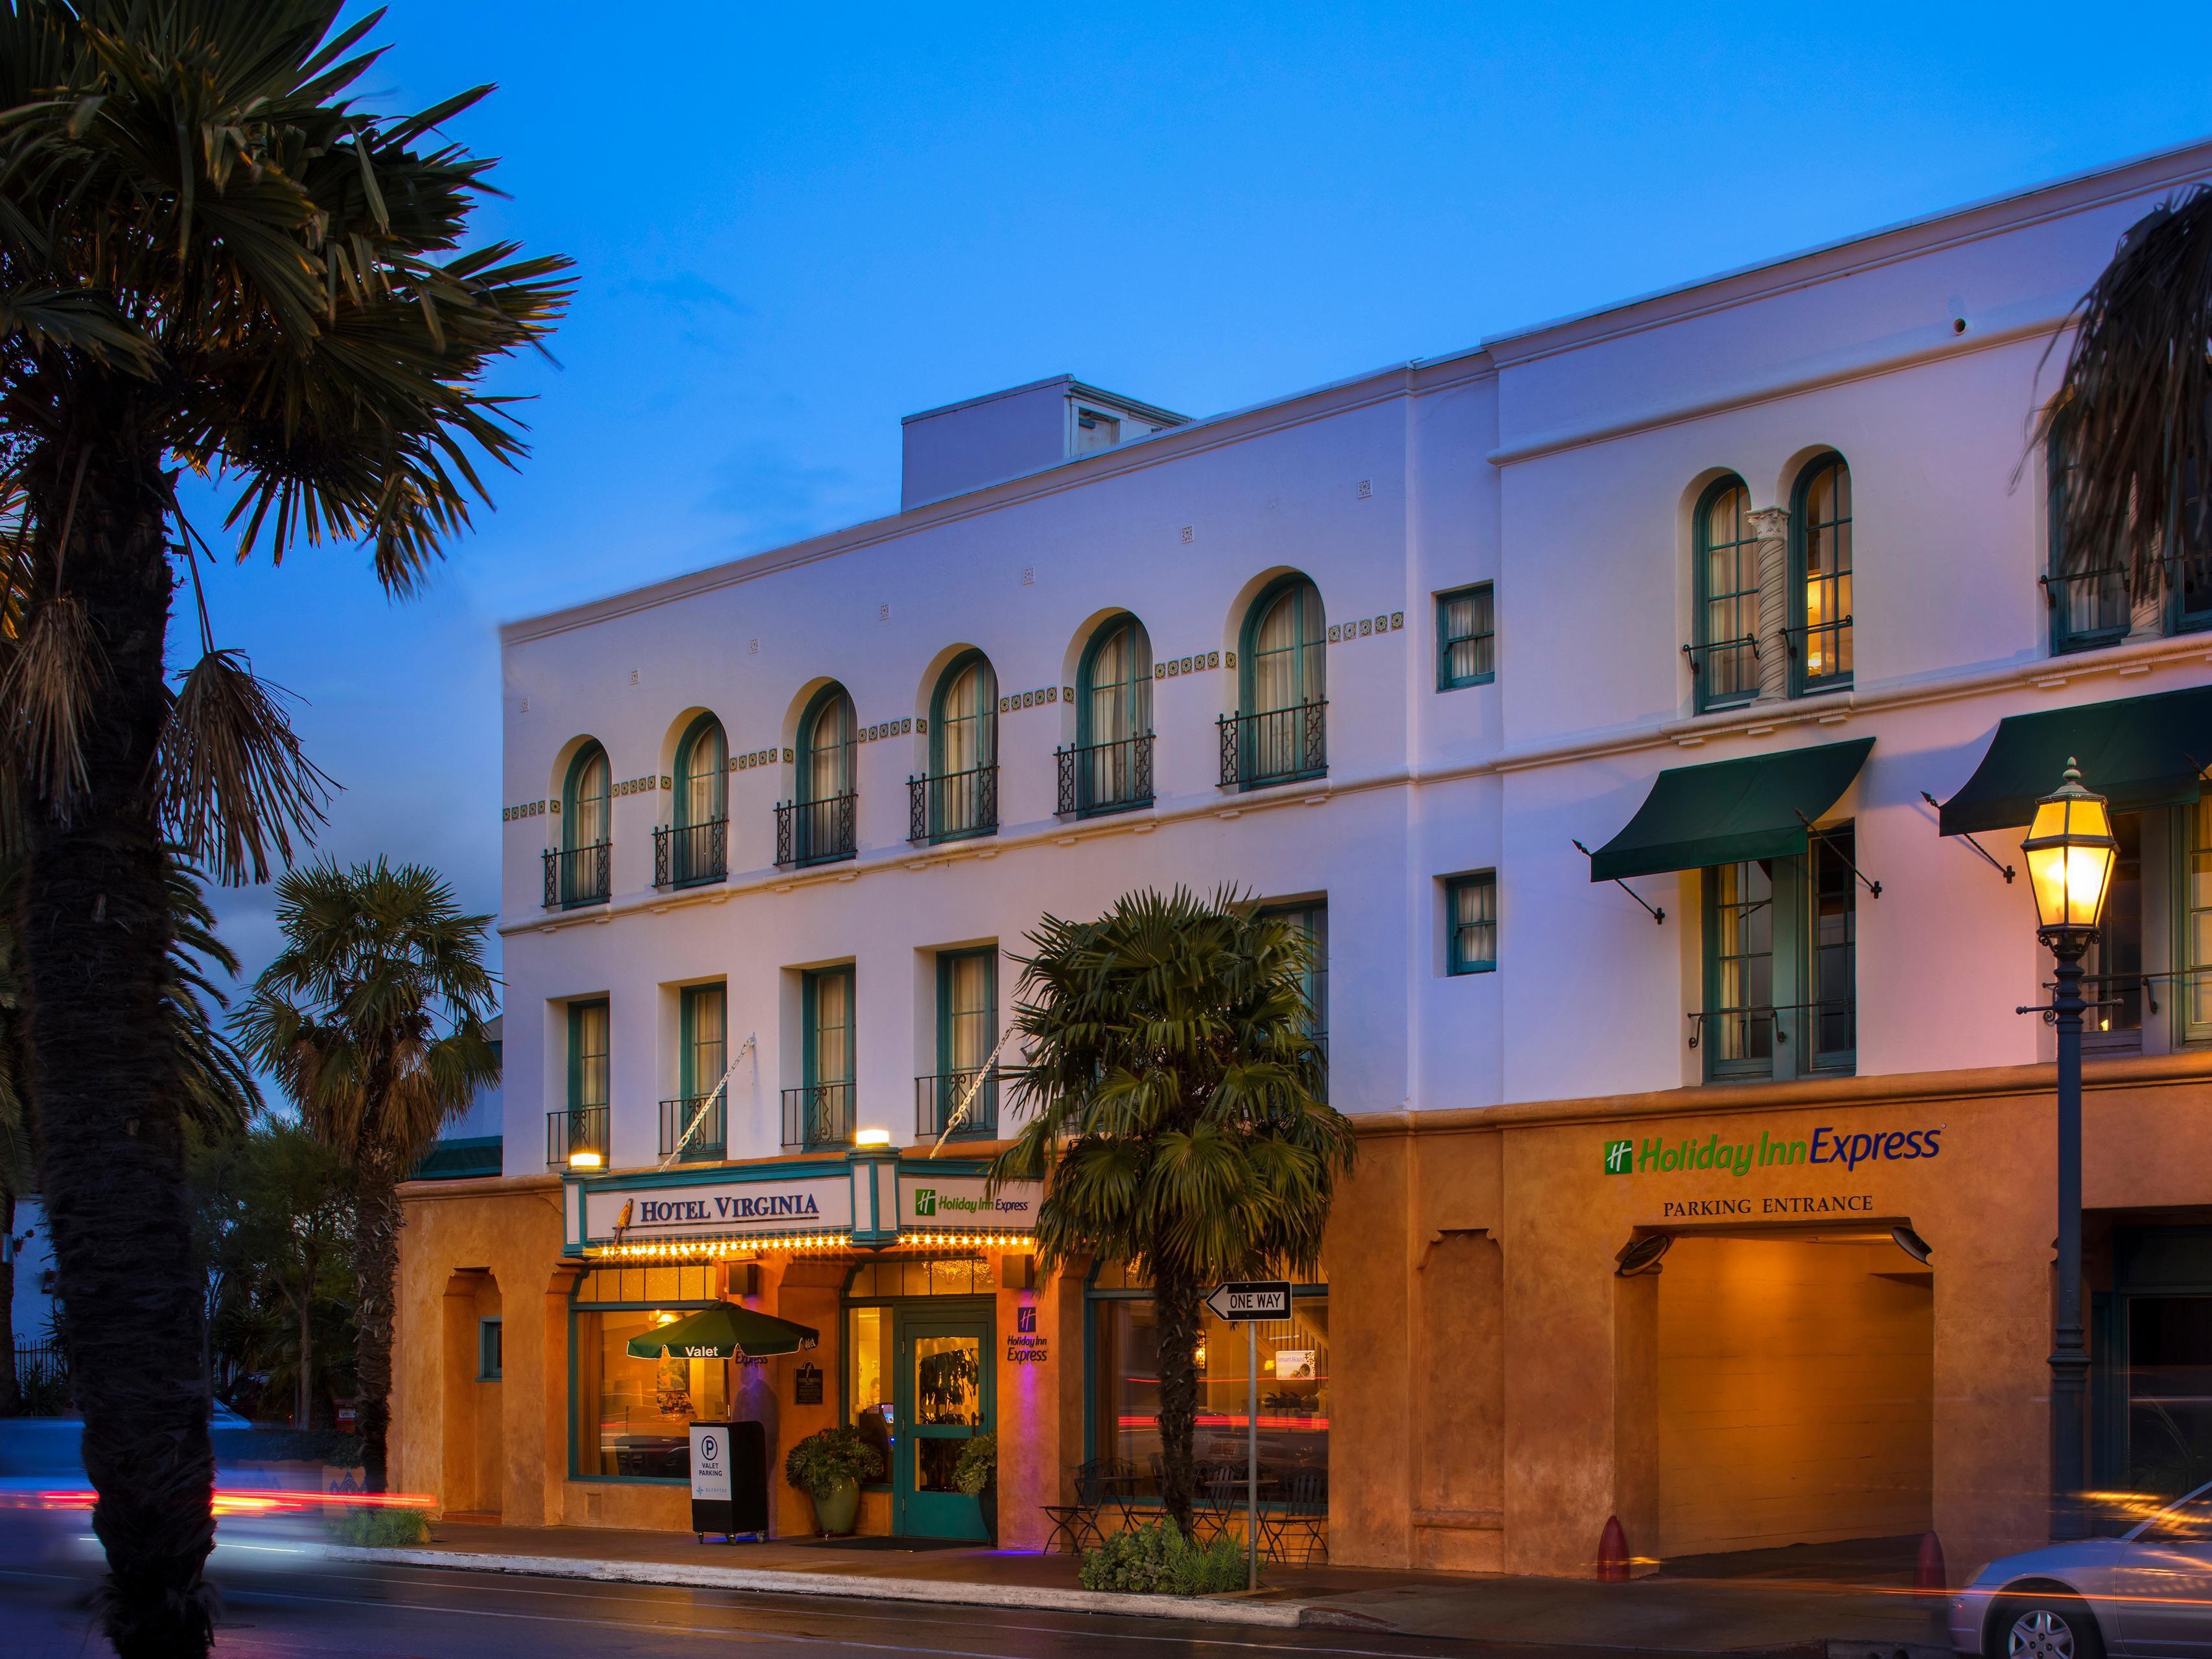 Santa Barbara Hotels >> Holiday Inn Express Santa Barbara Hotel Groups Meeting